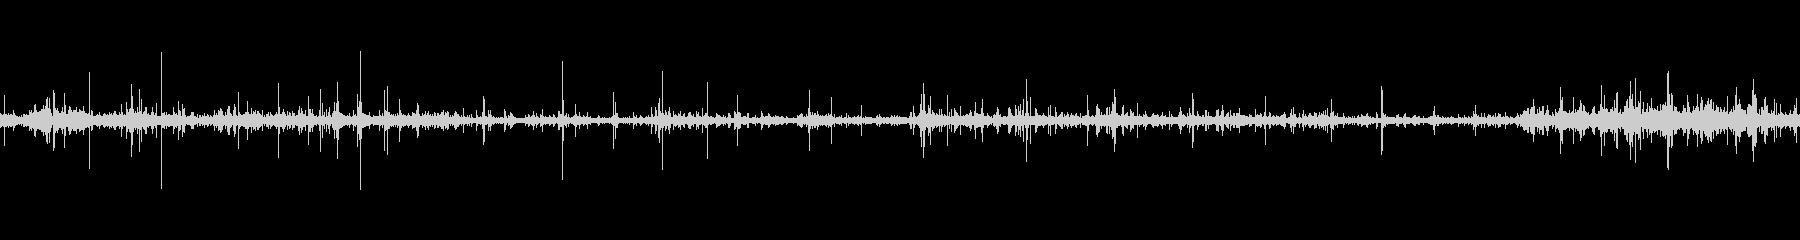 【環境音】「ちゃぷちゃぷ」川の水音の未再生の波形